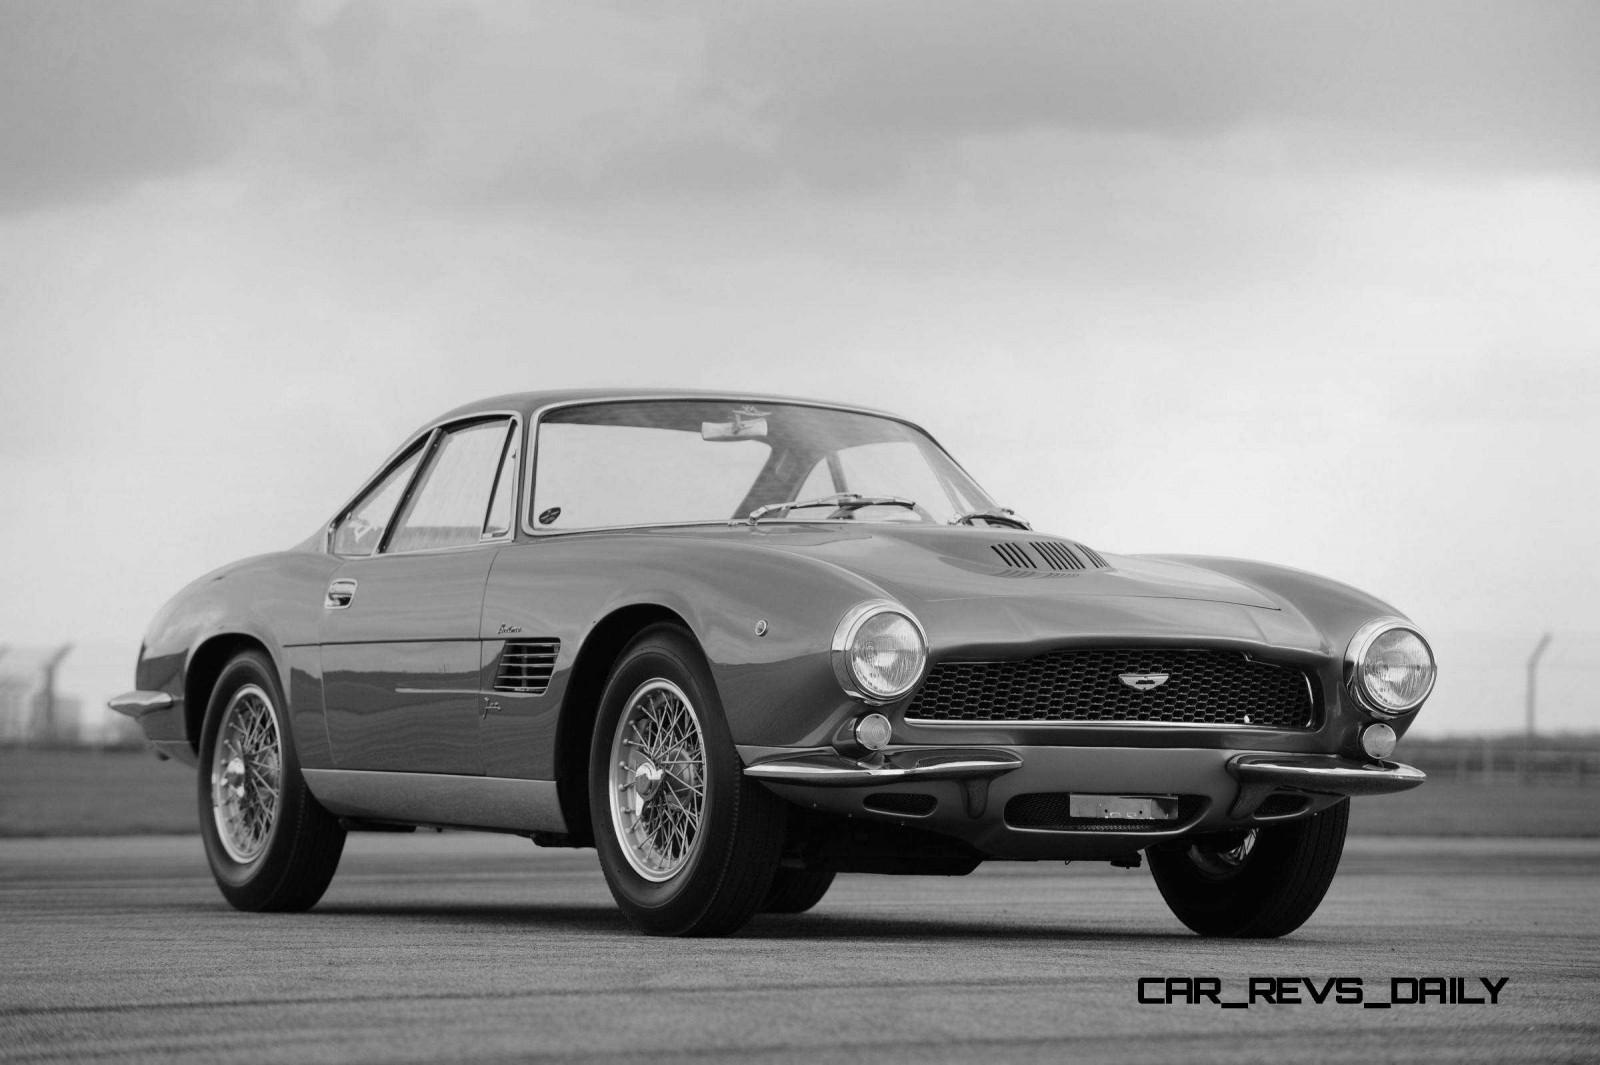 Lot 239 1960 Aston Martin Bertone 'Jet' DB4GT